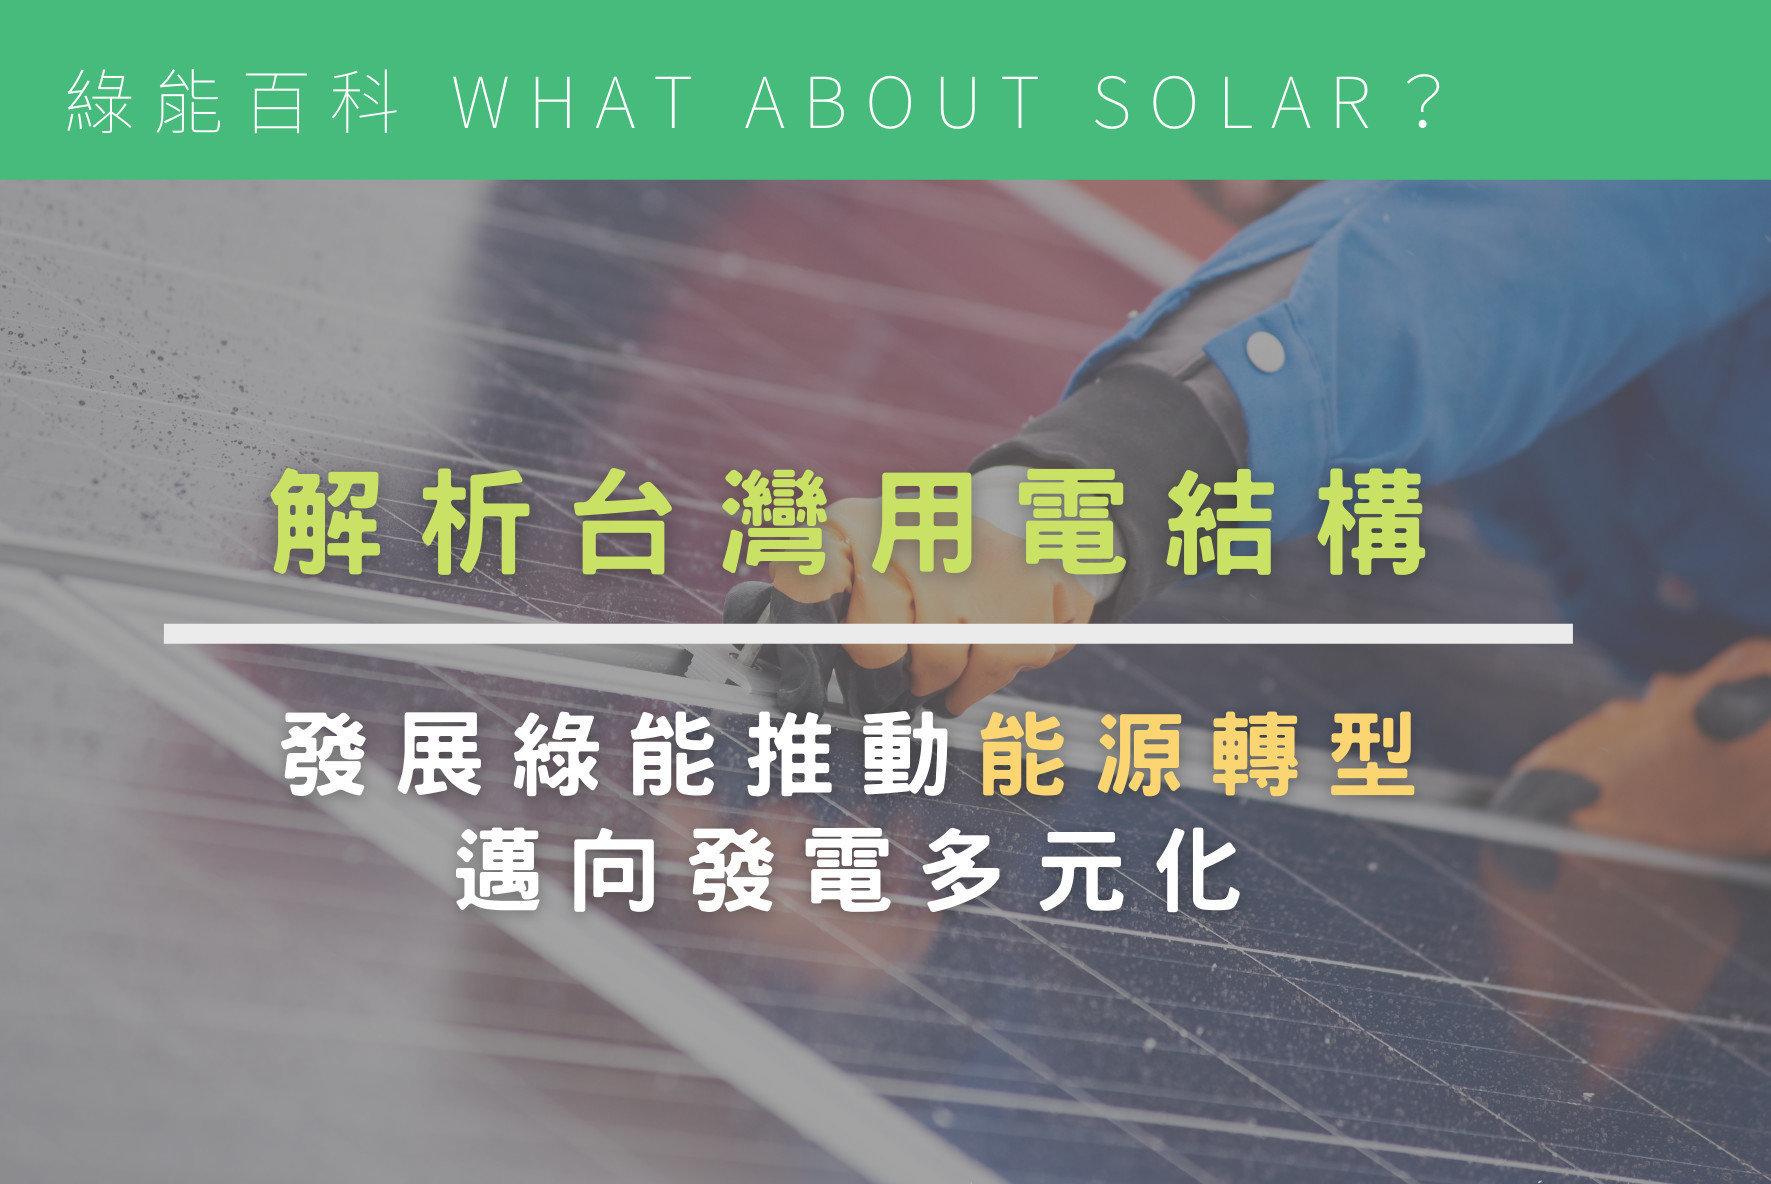 解析台灣用電結構,發展綠能推動能源轉型,邁向發電多元化